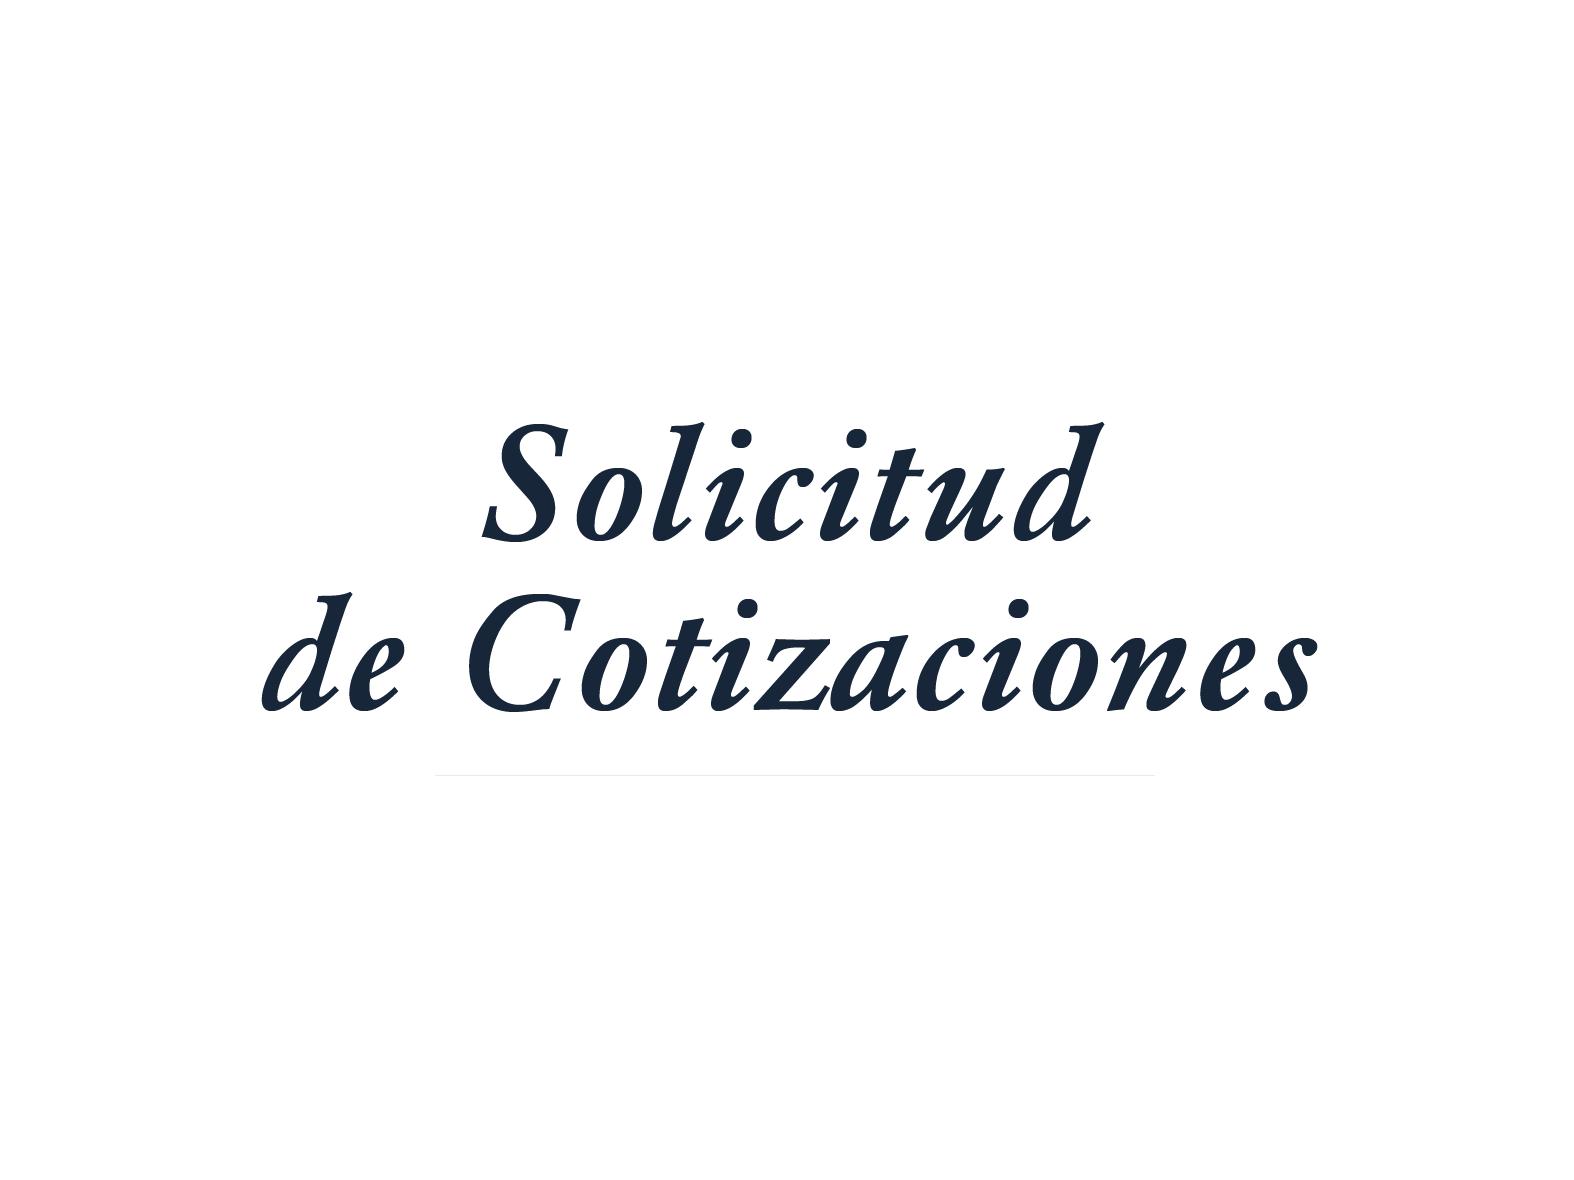 Solicitud de Cotizaciones